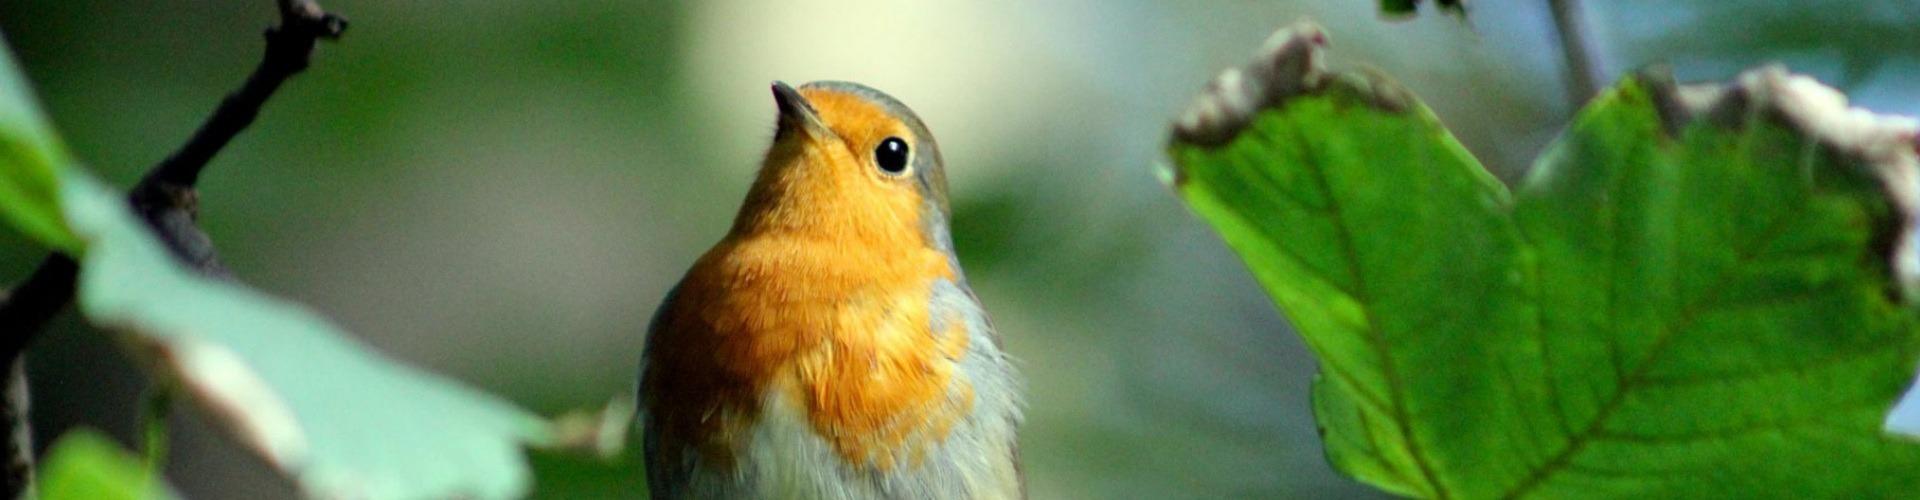 Hallgassunk madárcsicsergést!